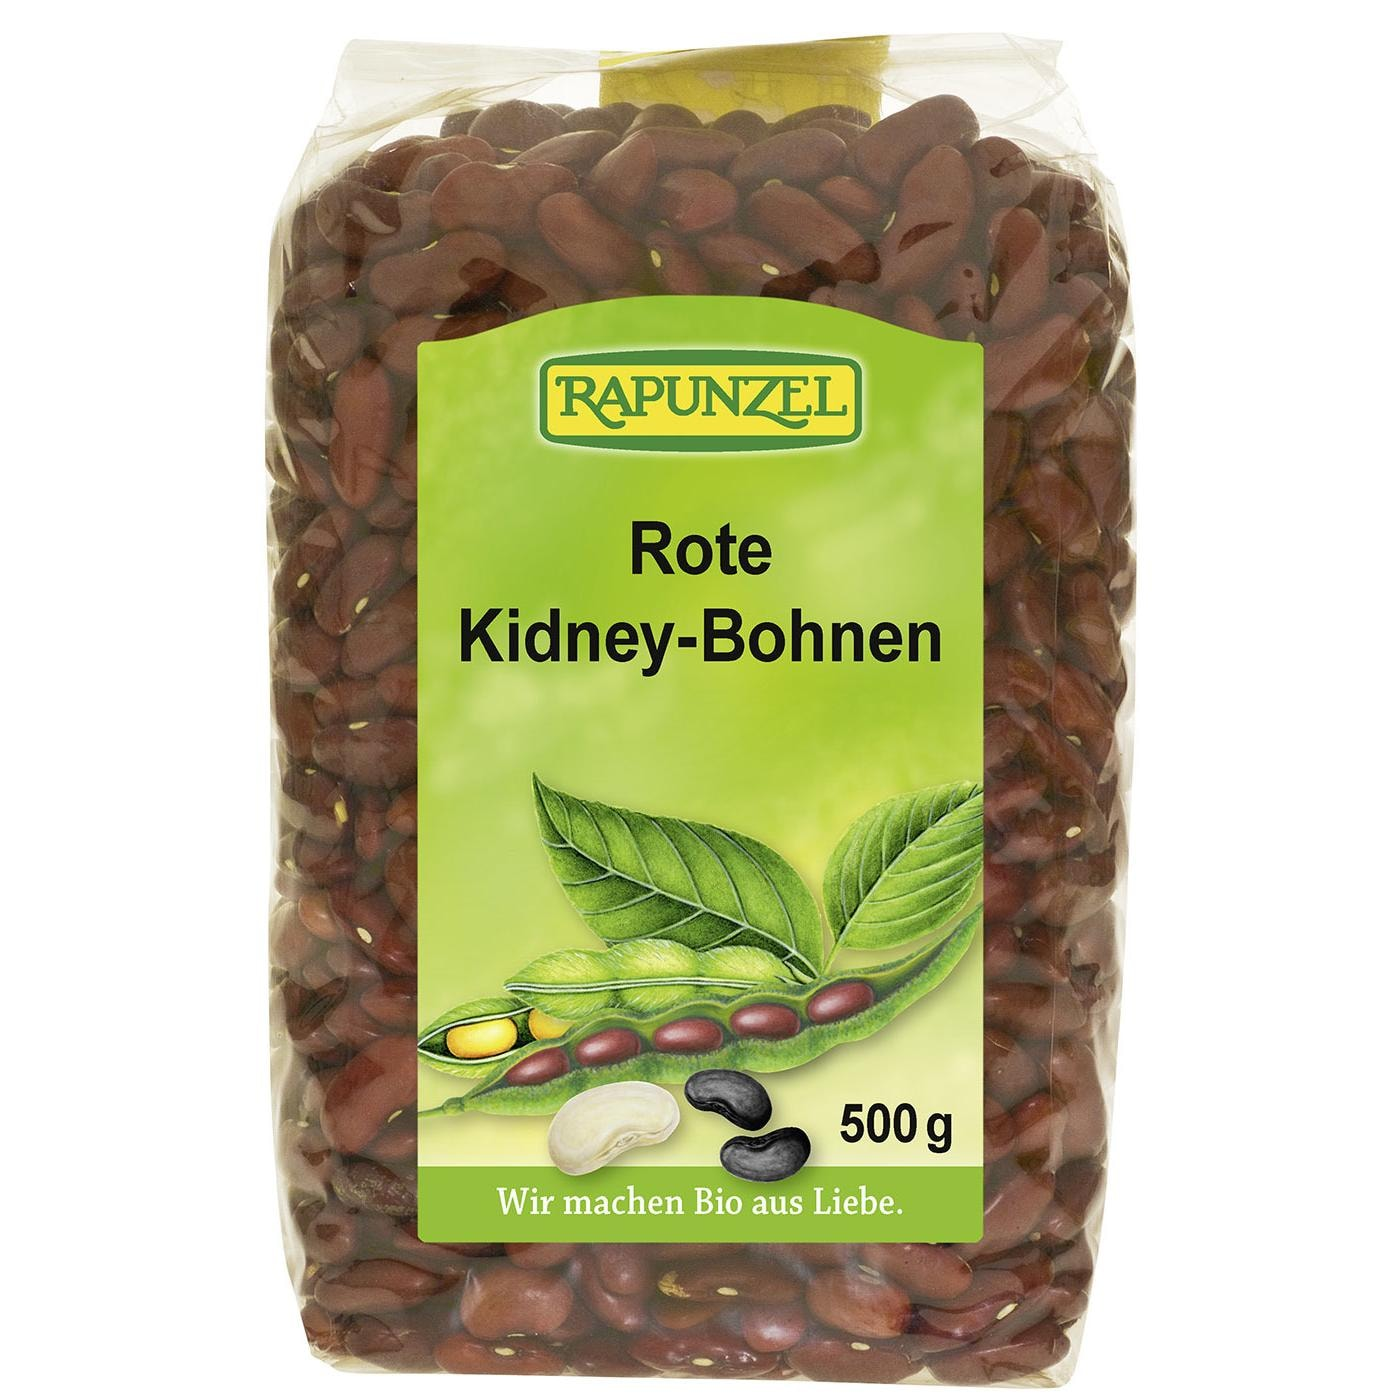 Rapunzel Bio Kidney Bohnen rot 500g